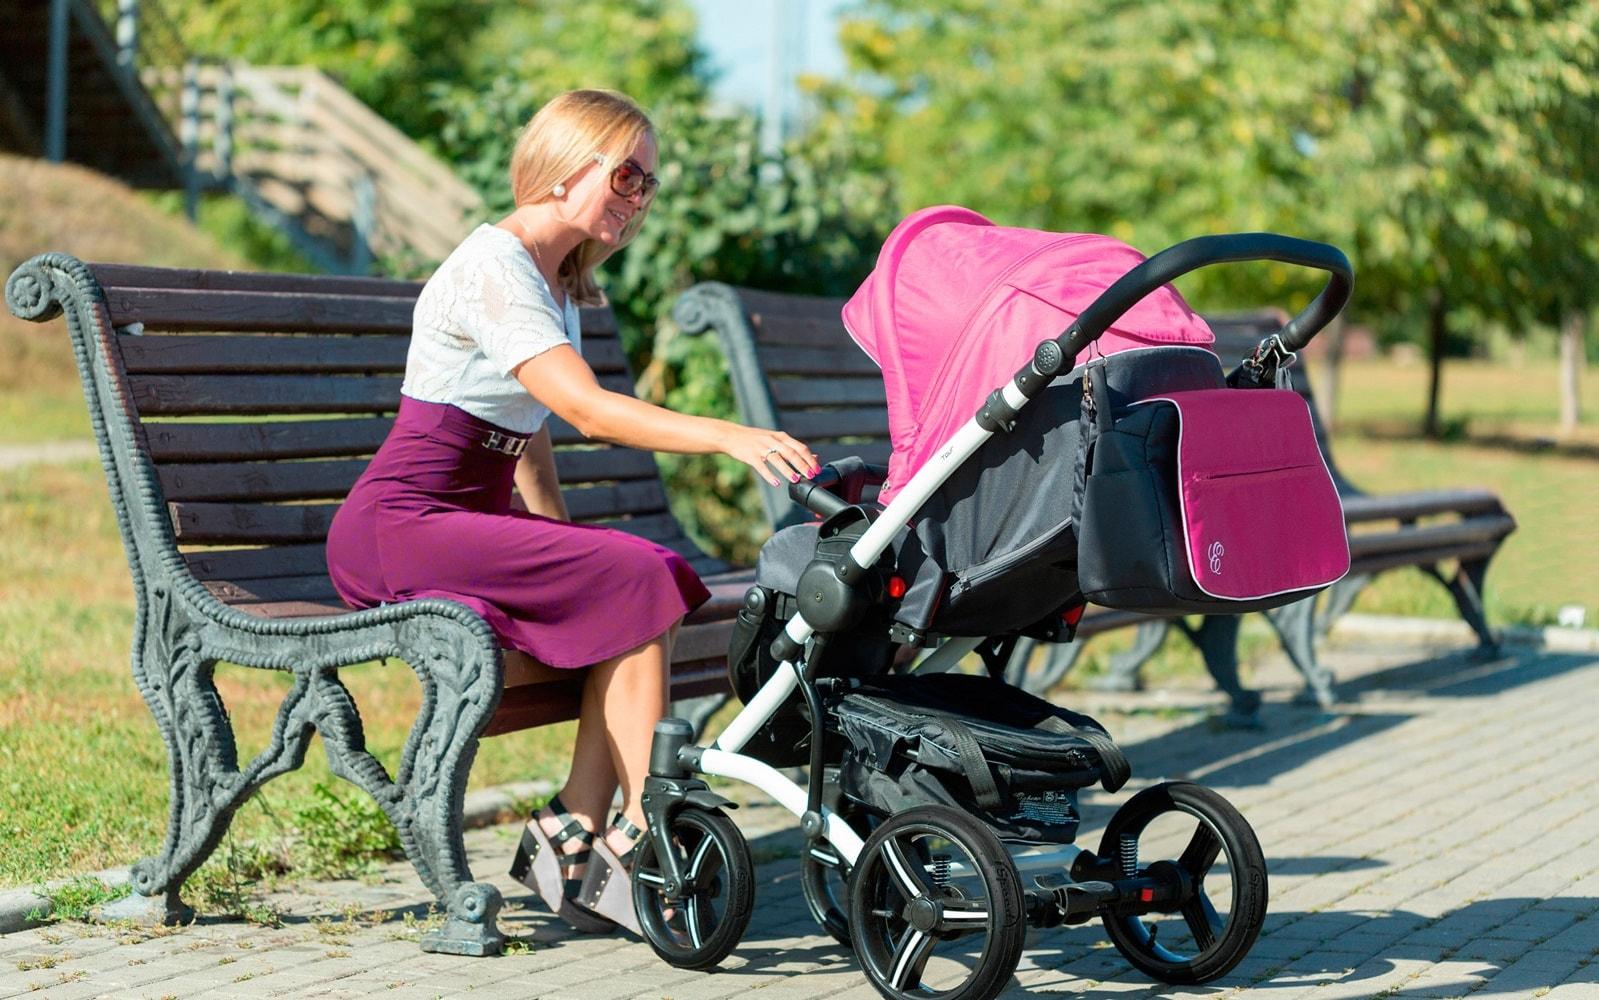 Покупка прогулочных колясок – нюансы, которыеважно знать